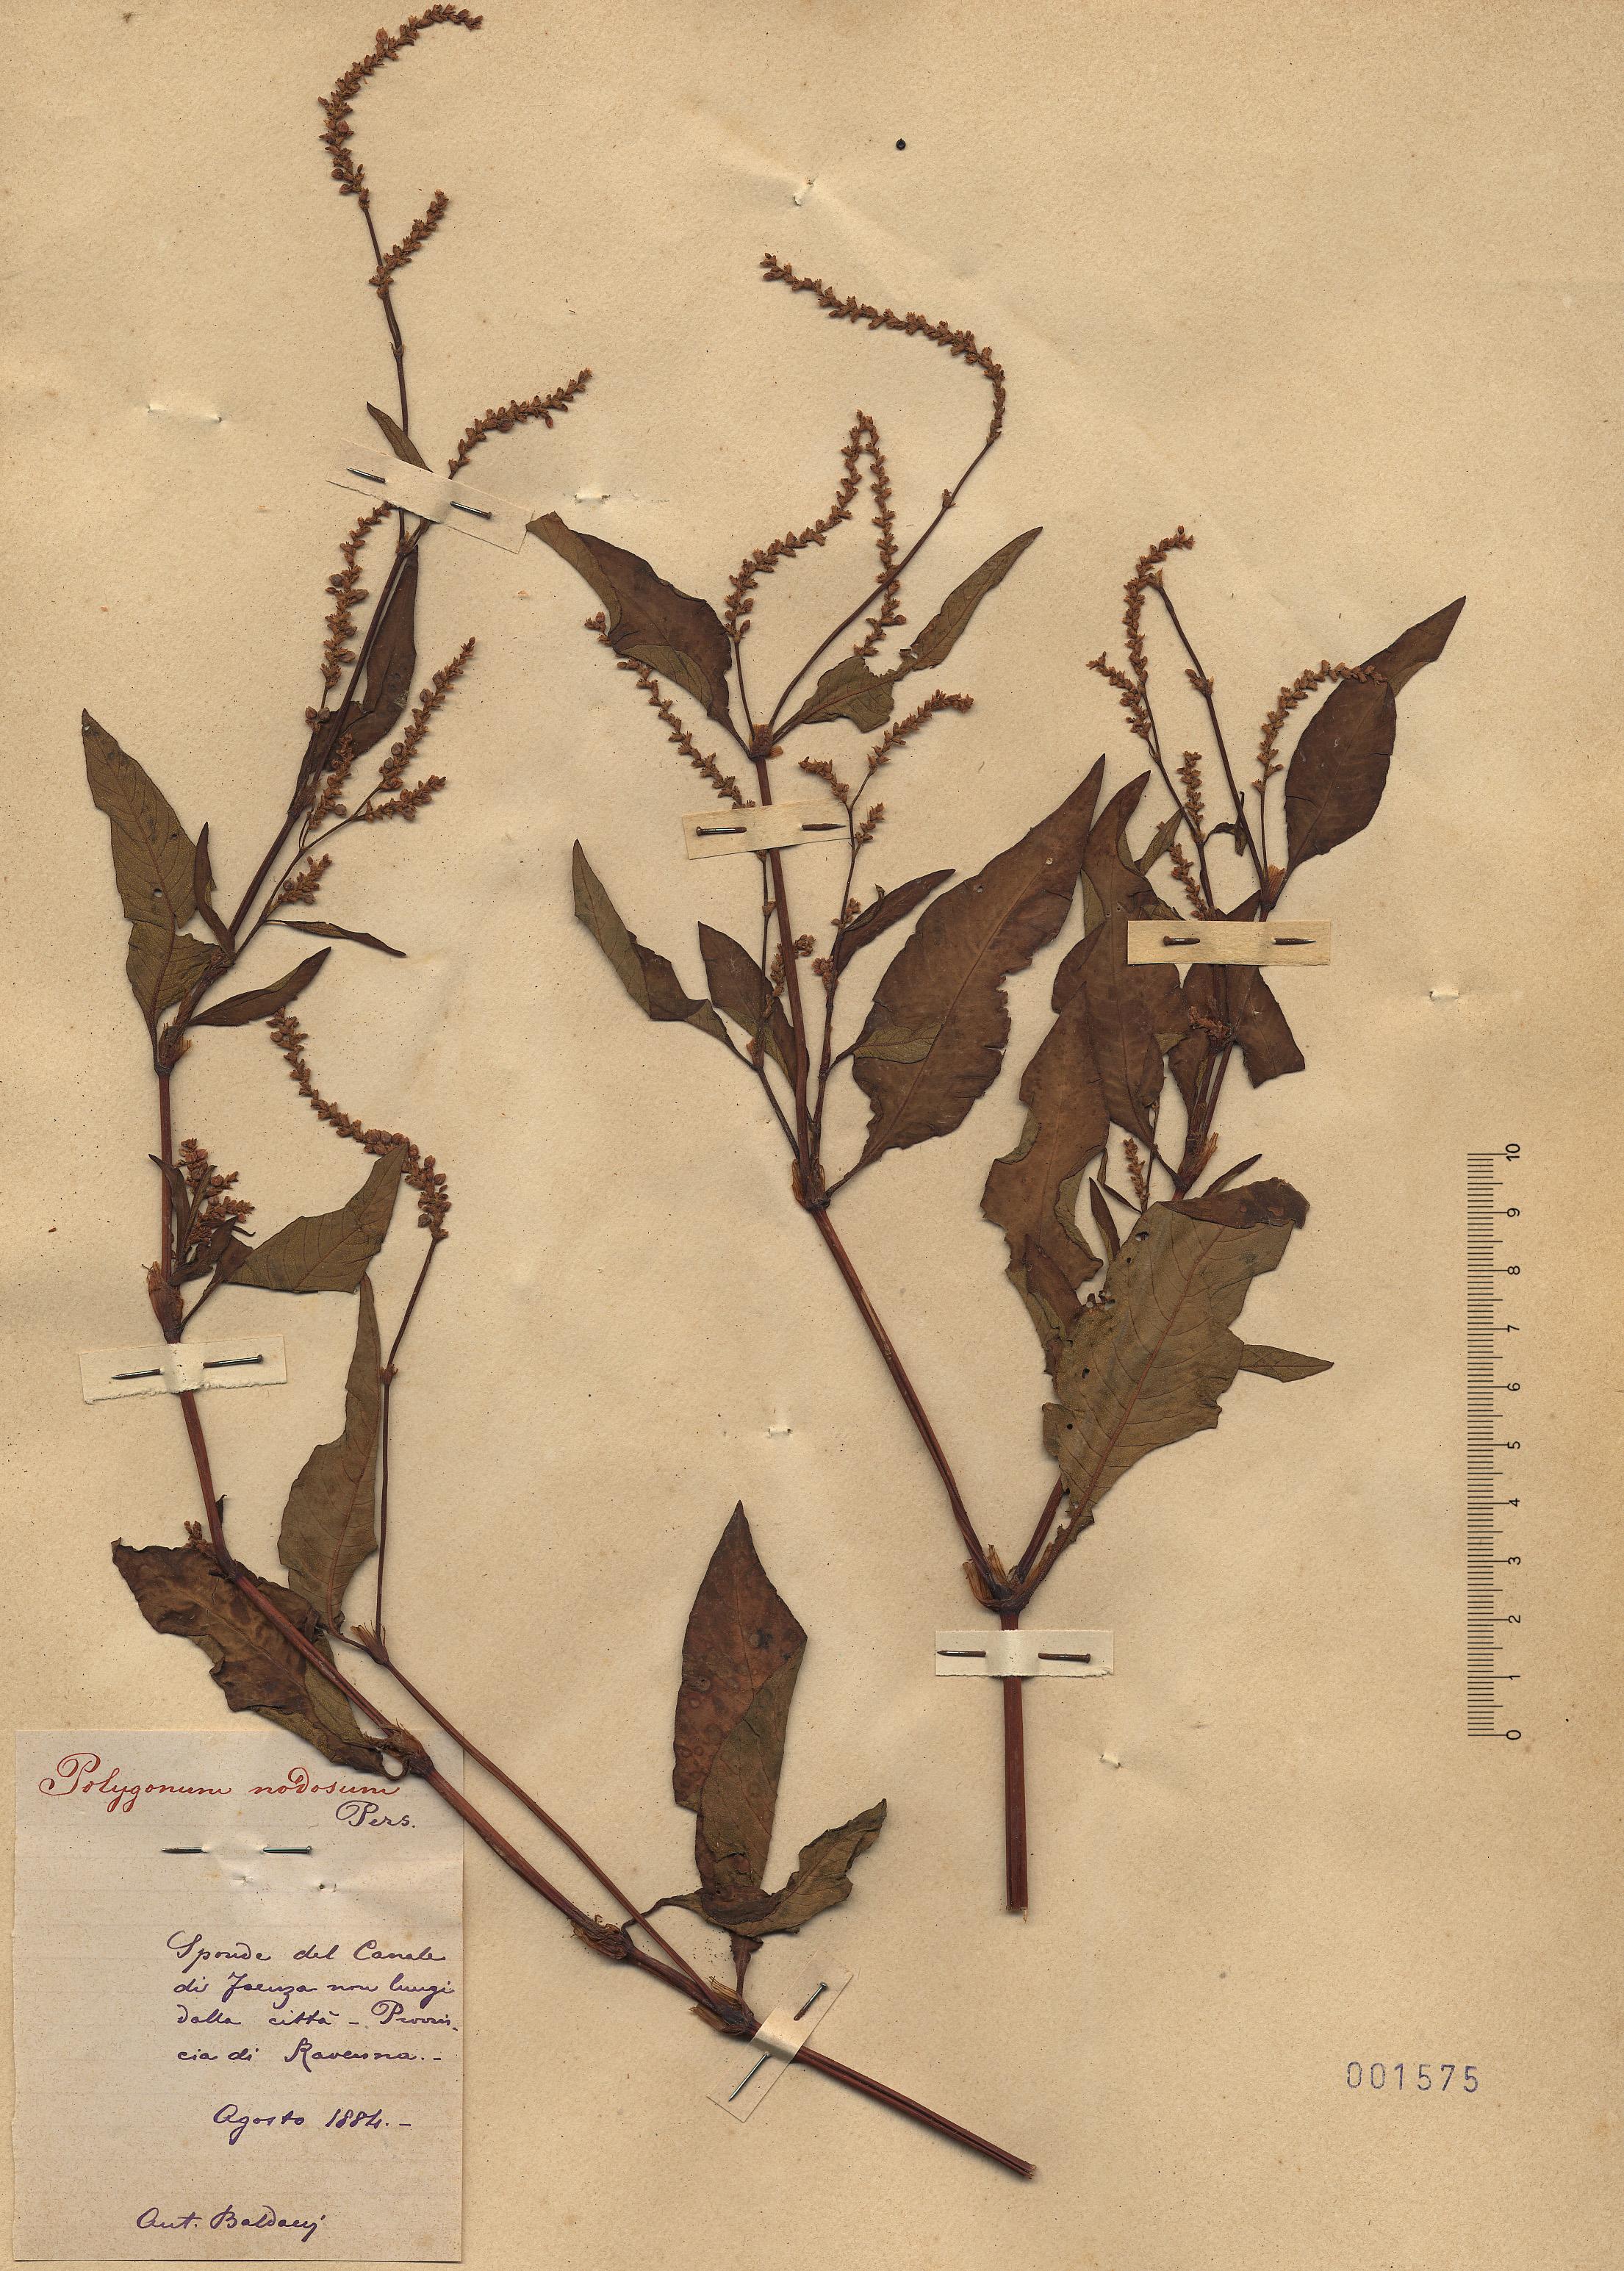 © Hortus Botanicus Catinensis - Heb. sheet 001575<br>